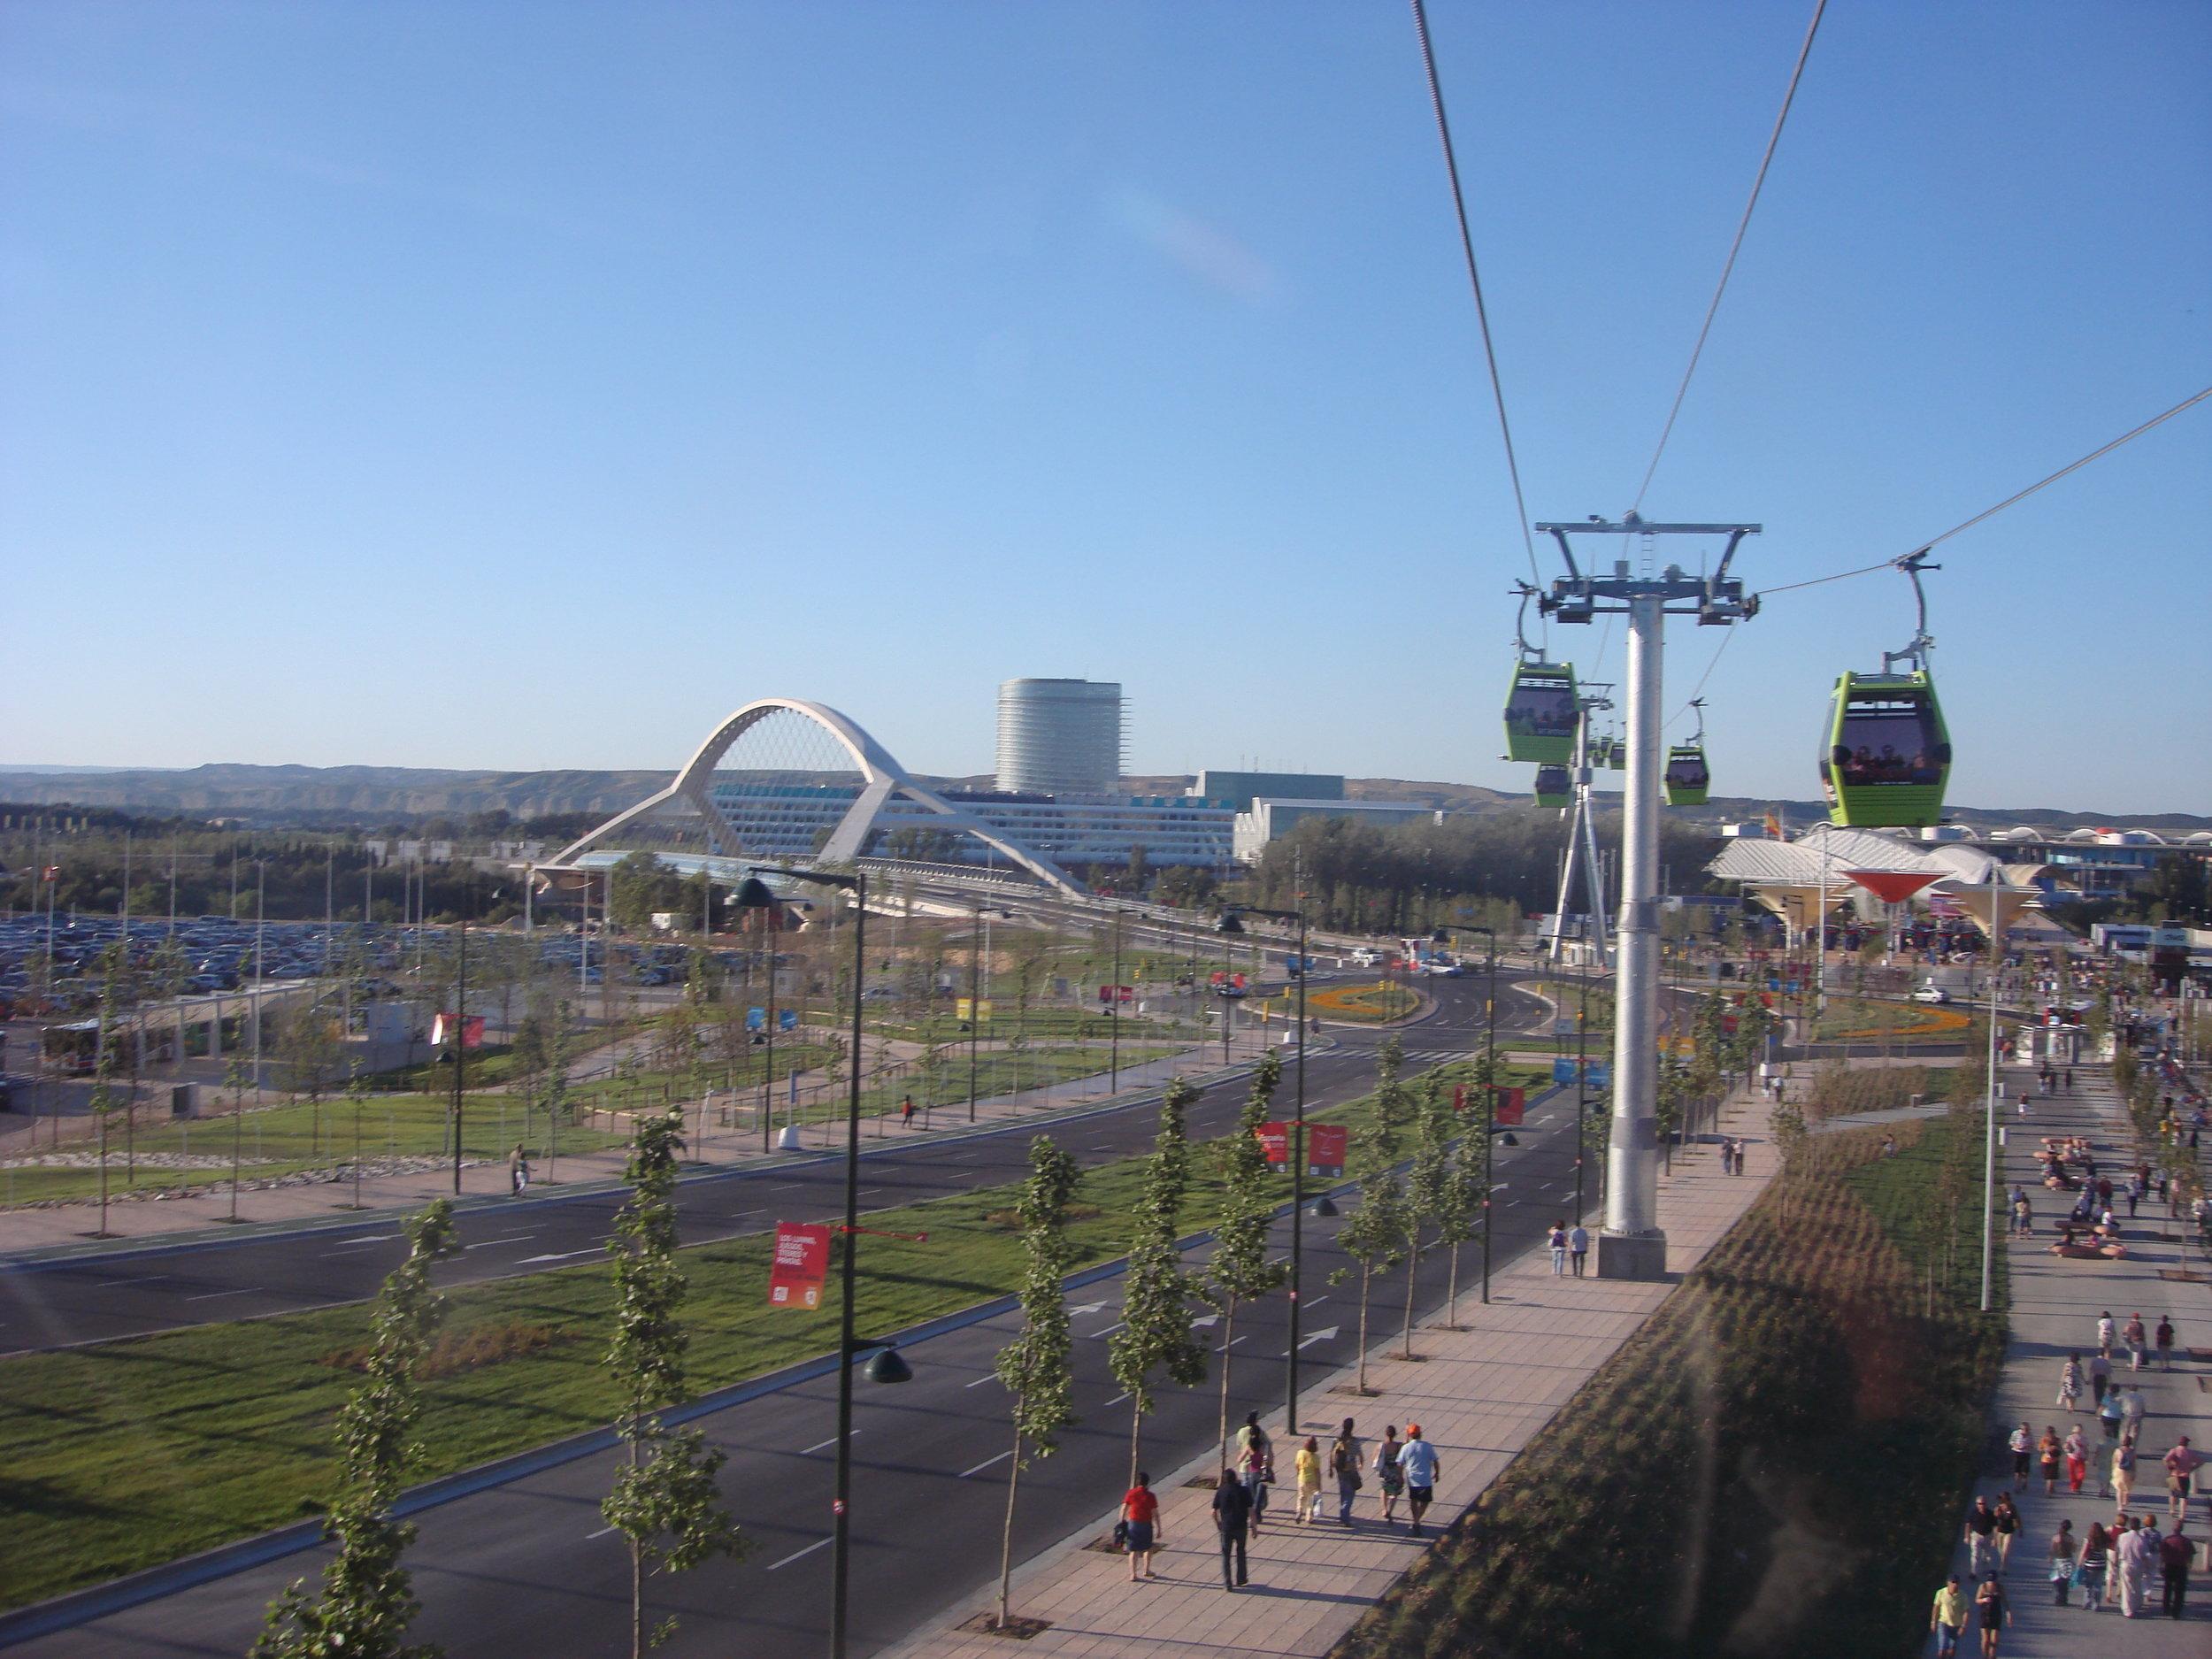 """Lanová dráha, jejímž dodavatelem byla společnost Leitner, měla lineární dráhu a vedla od nádražíDelicias (nejde vidět, po levé ruce fotografa) k areálu Expa.Nalevo od lanovky spatříme ve stejném roce (2008) otevíranýmost  Puente del Tercer Milenio , jehož autorem je Juan José Arenas de Pablo, t. č. 76letýrodák z nedaleké Huescy, a za mostem vidíme dnes opuštěnou """"Vodní věž""""."""